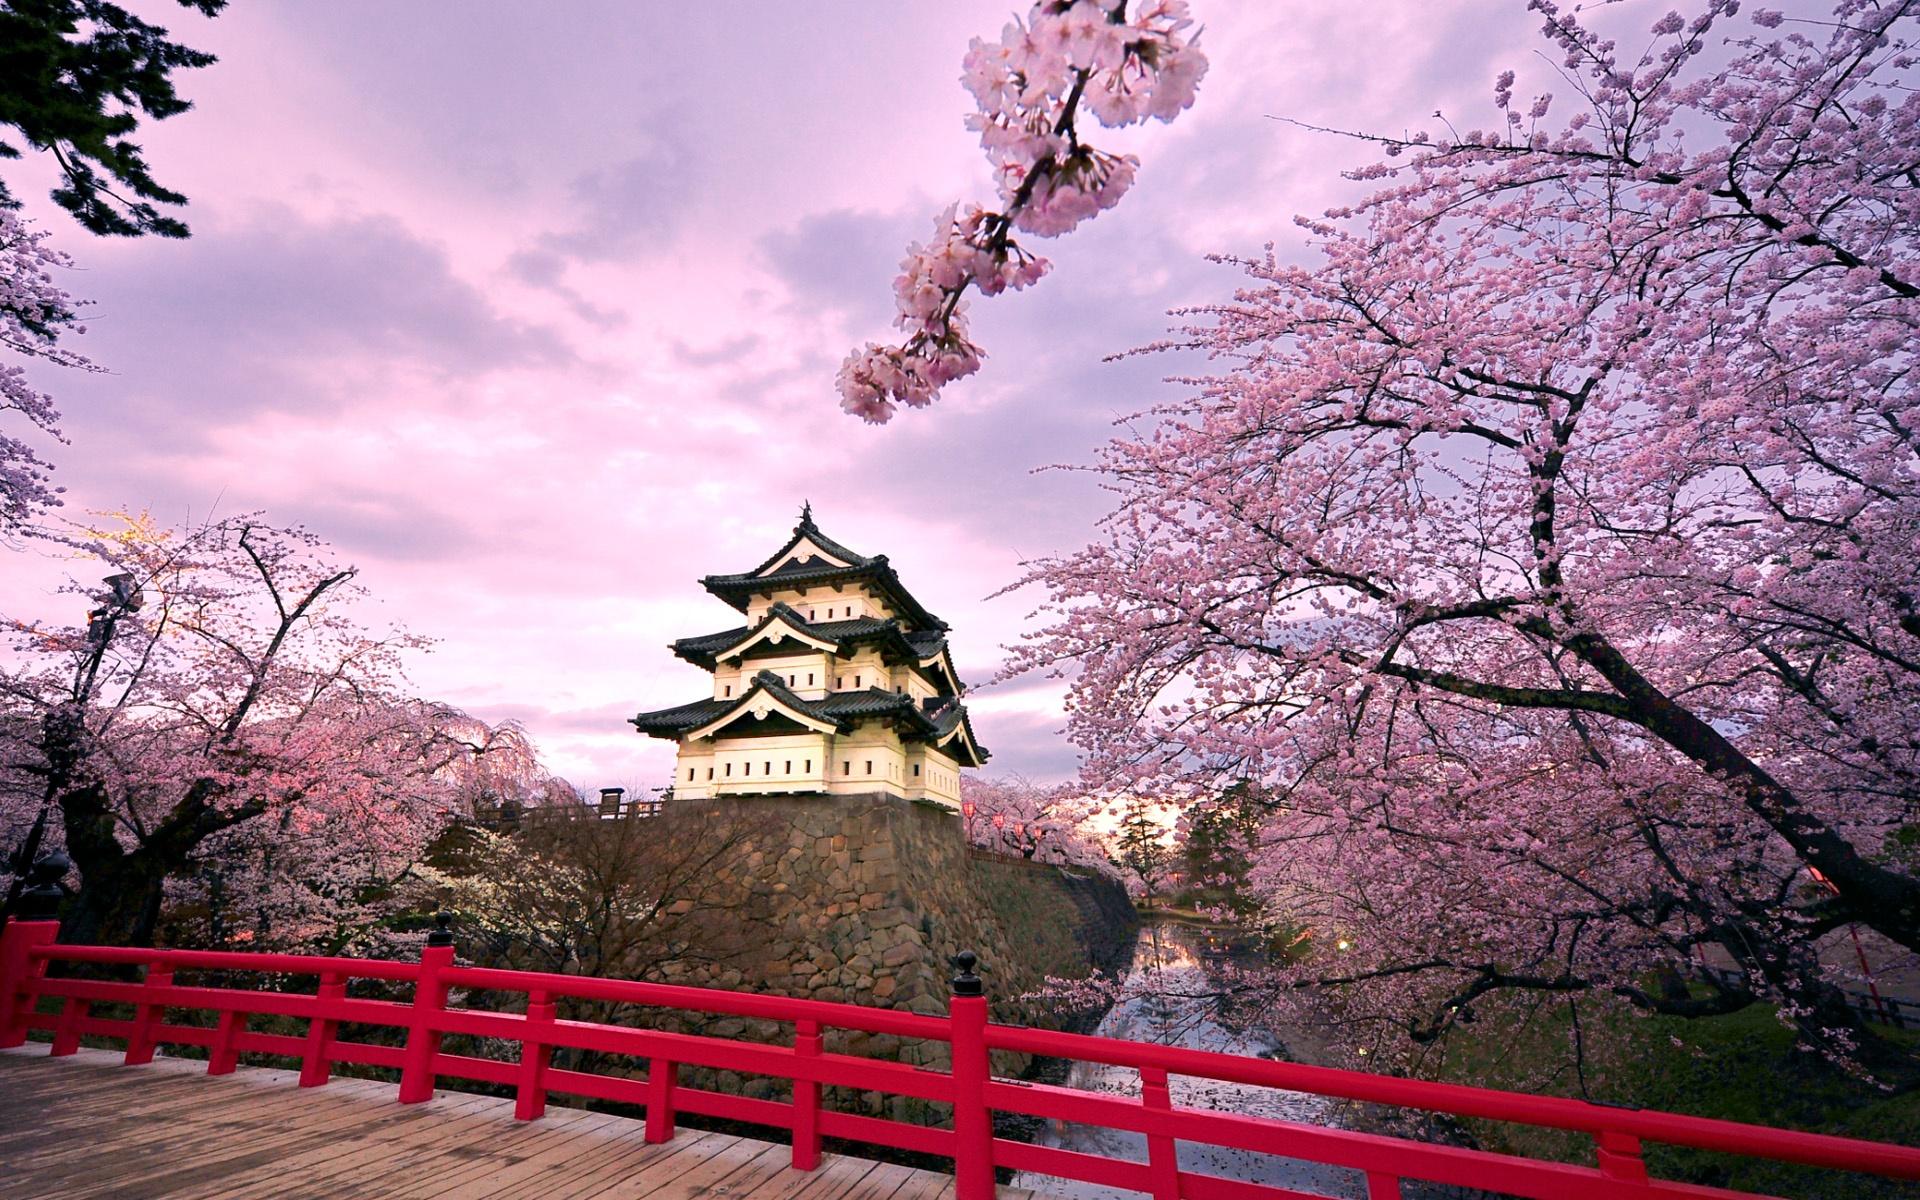 Fonds d'écran Japon château de Hirosaki, rose fleurs de cerisier 1920x1200 HD image